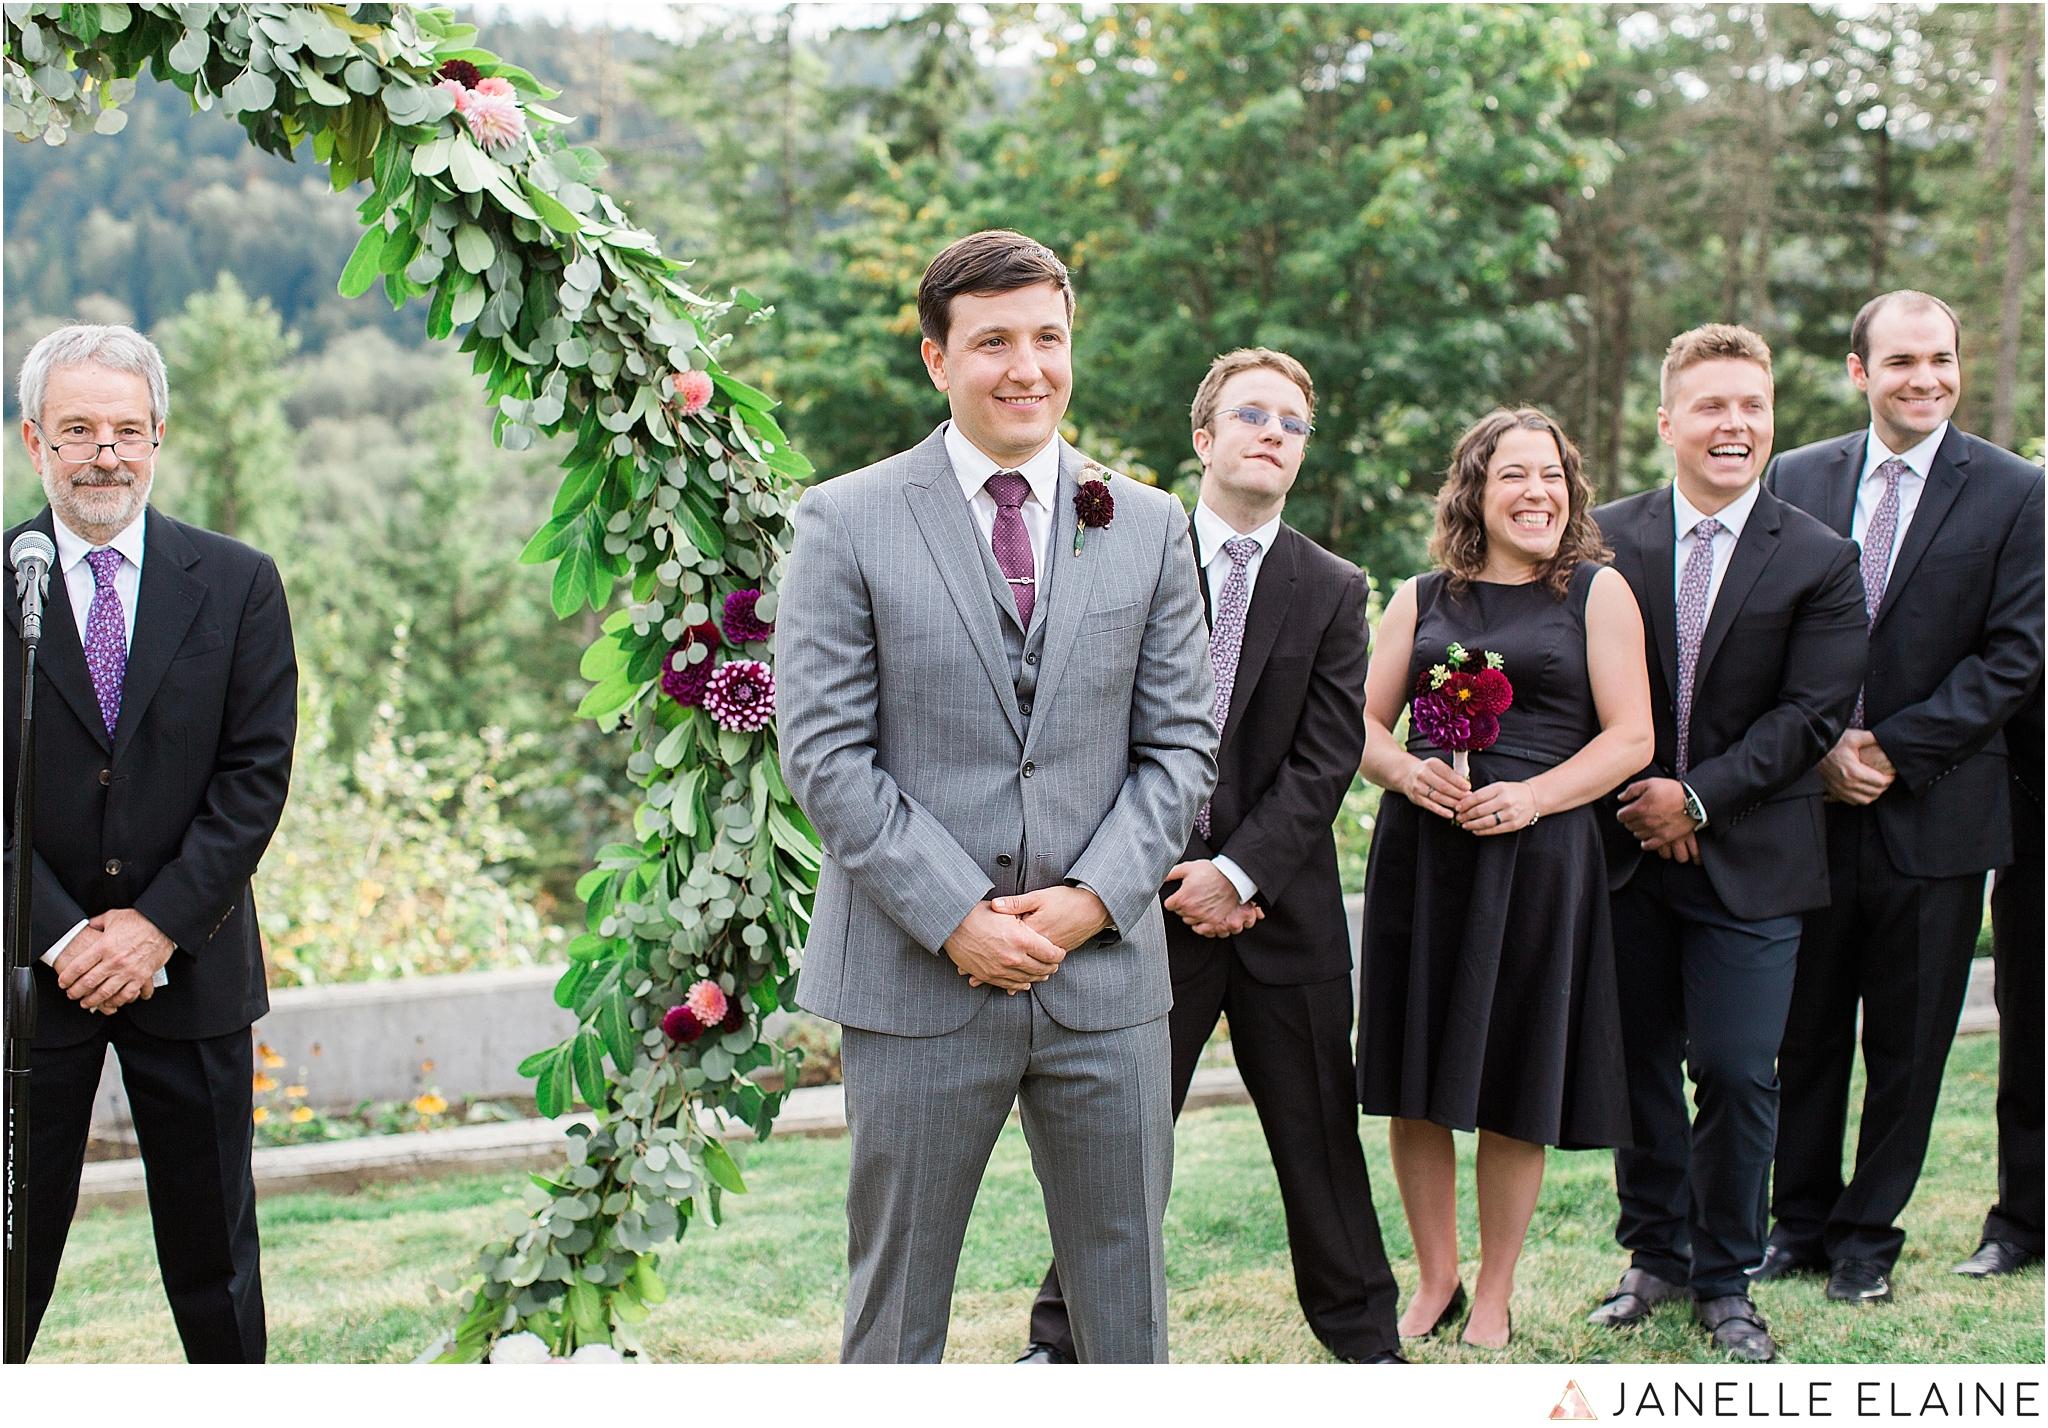 seattle-portrait-engagement-wedding-photographer-janelle-elaine-photography-56.jpg